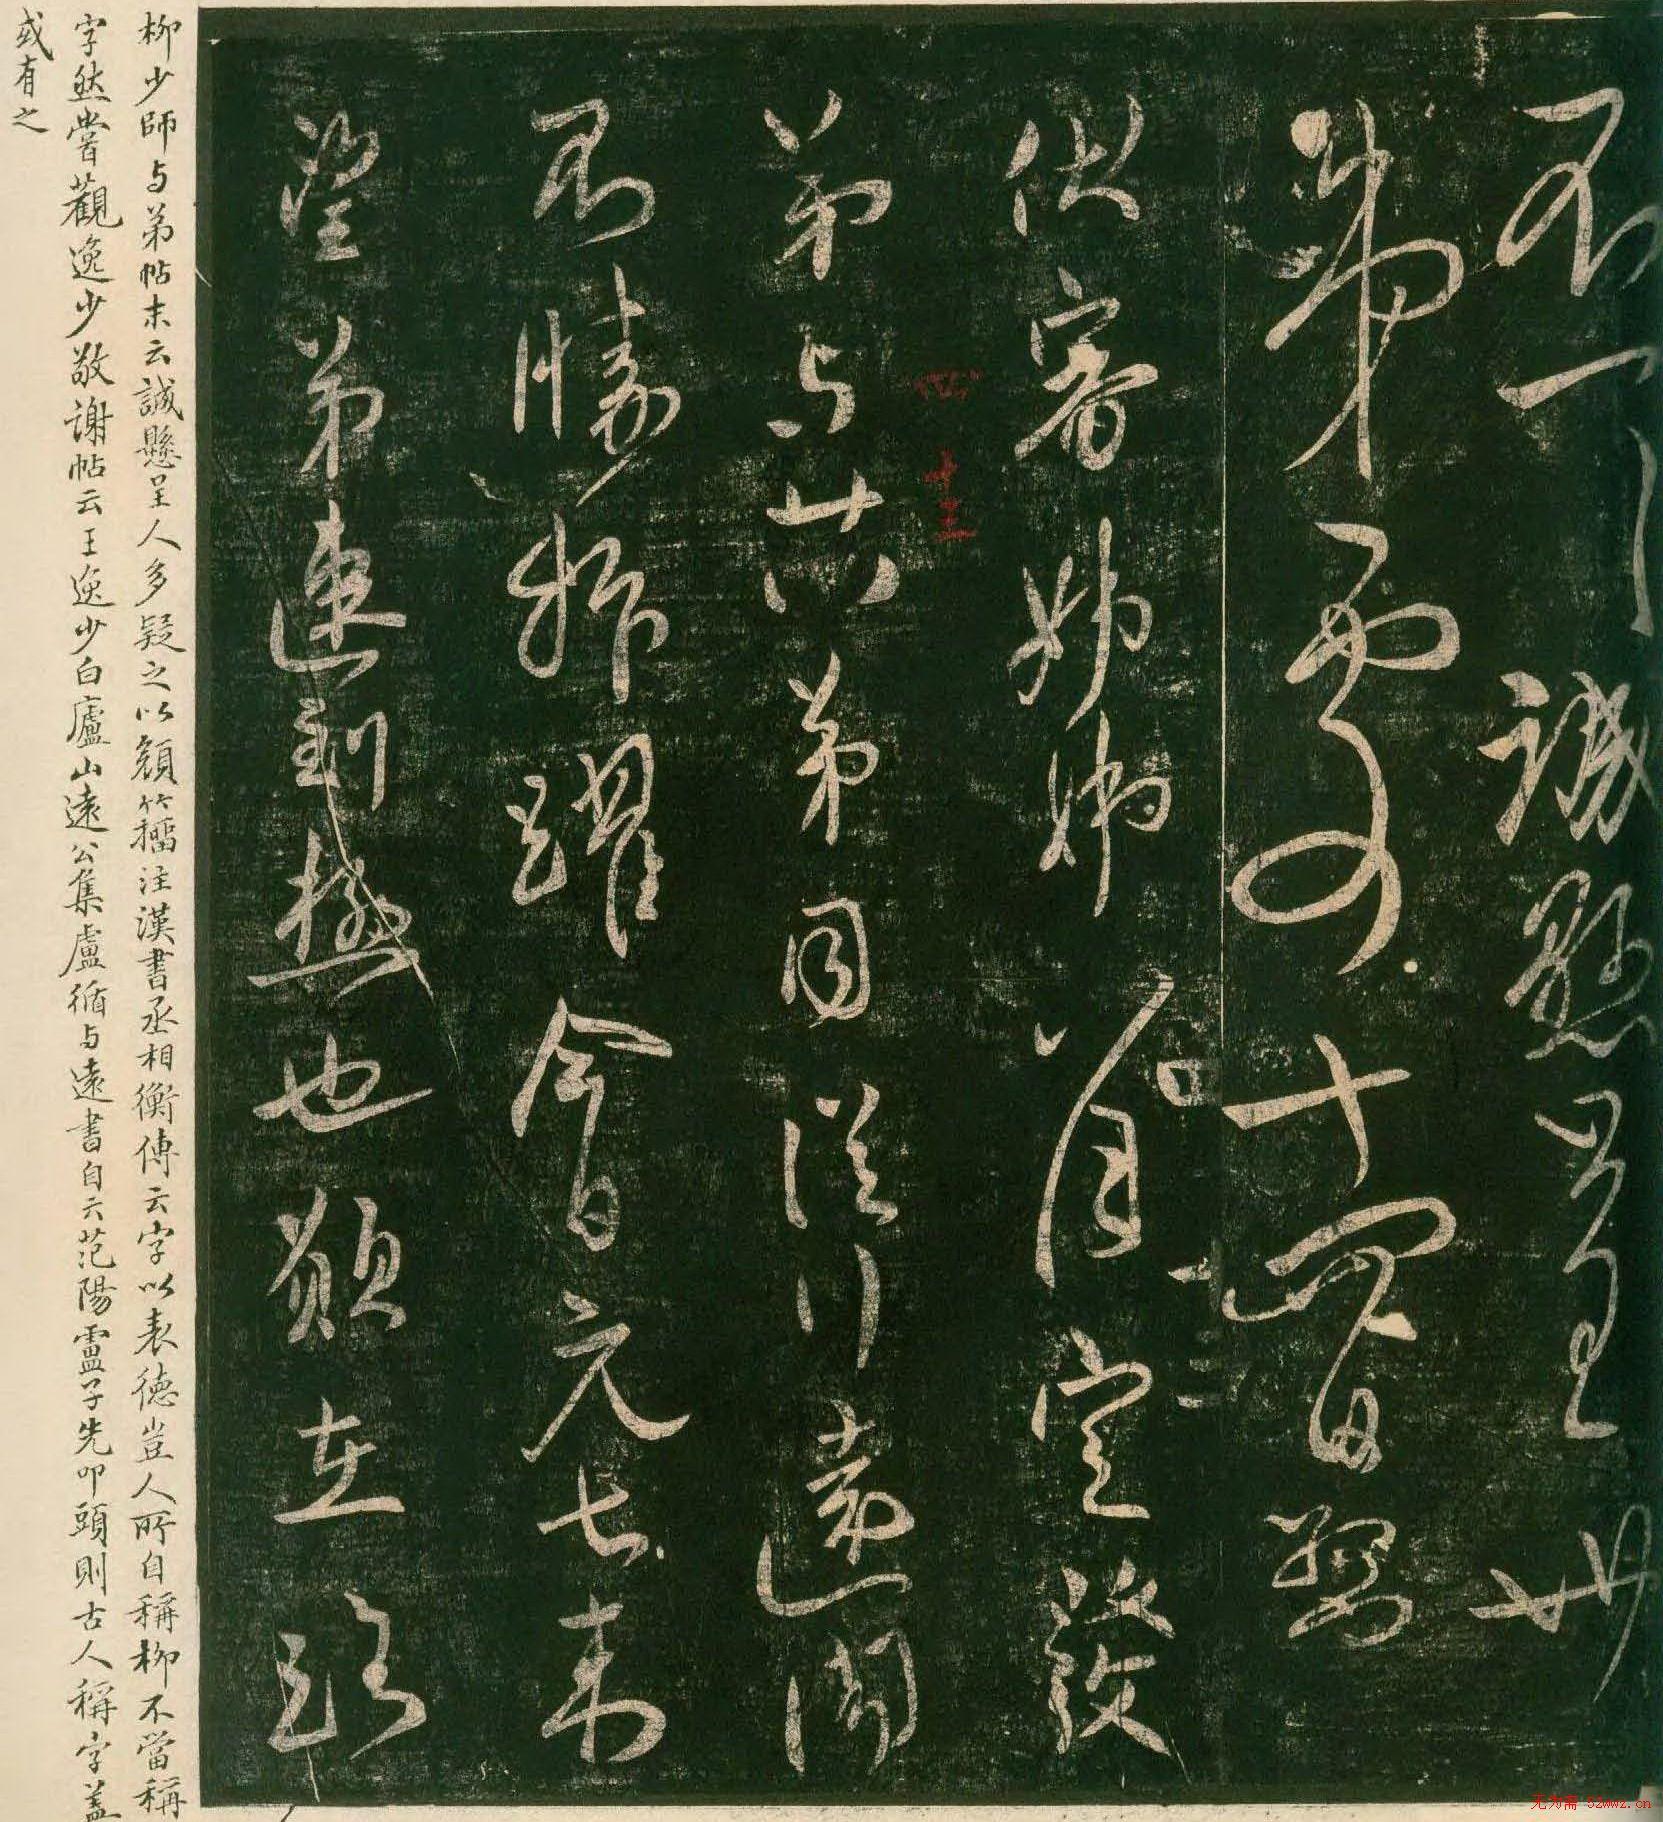 淳化阁帖安思远藏本第04卷.pdf